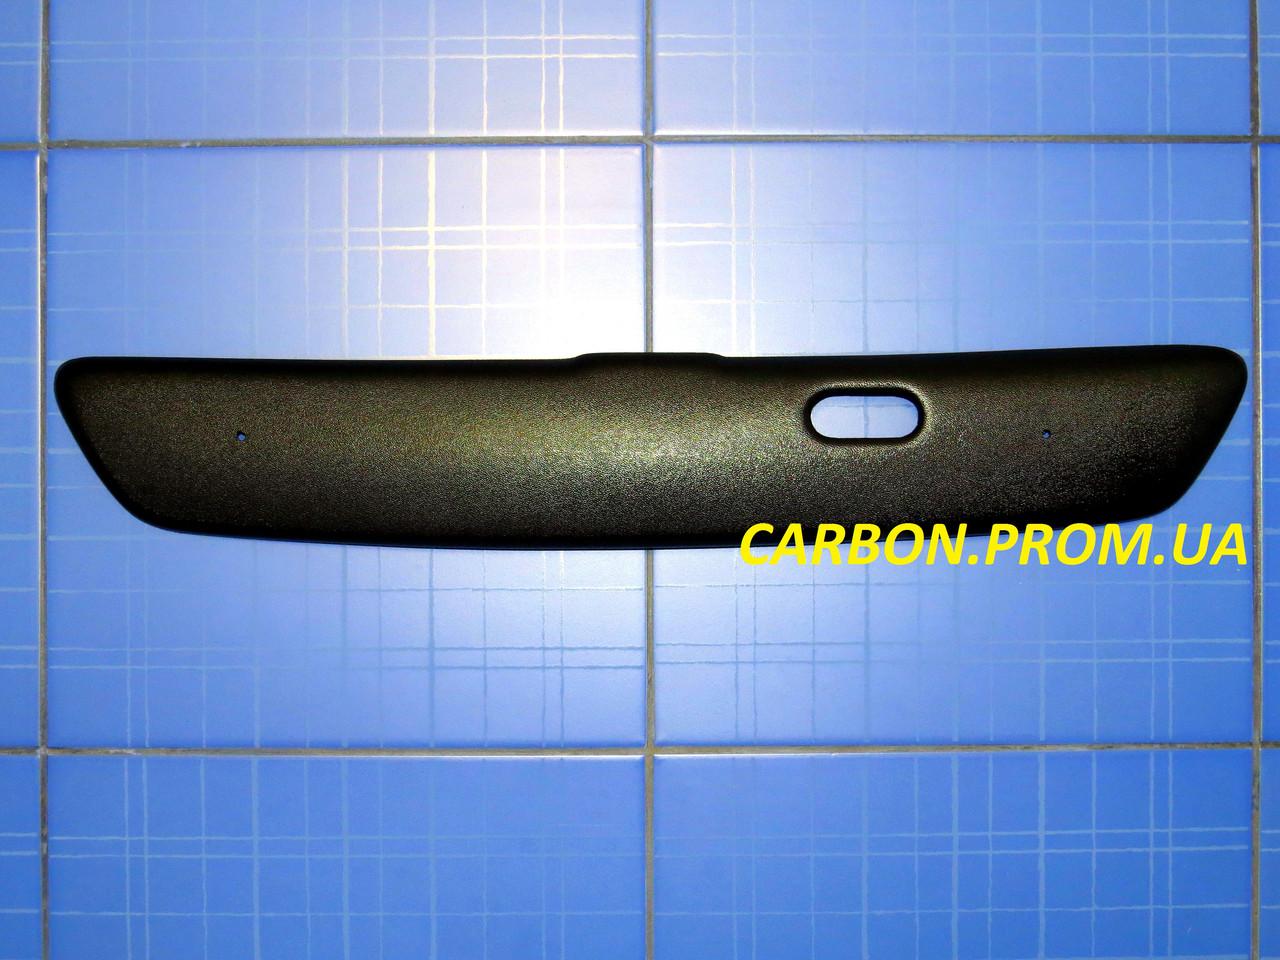 Зимняя заглушка решётки радиатора Опель Астра G верх 1998-2008 матовая Fly. Утеплитель решётки Opel Astra G